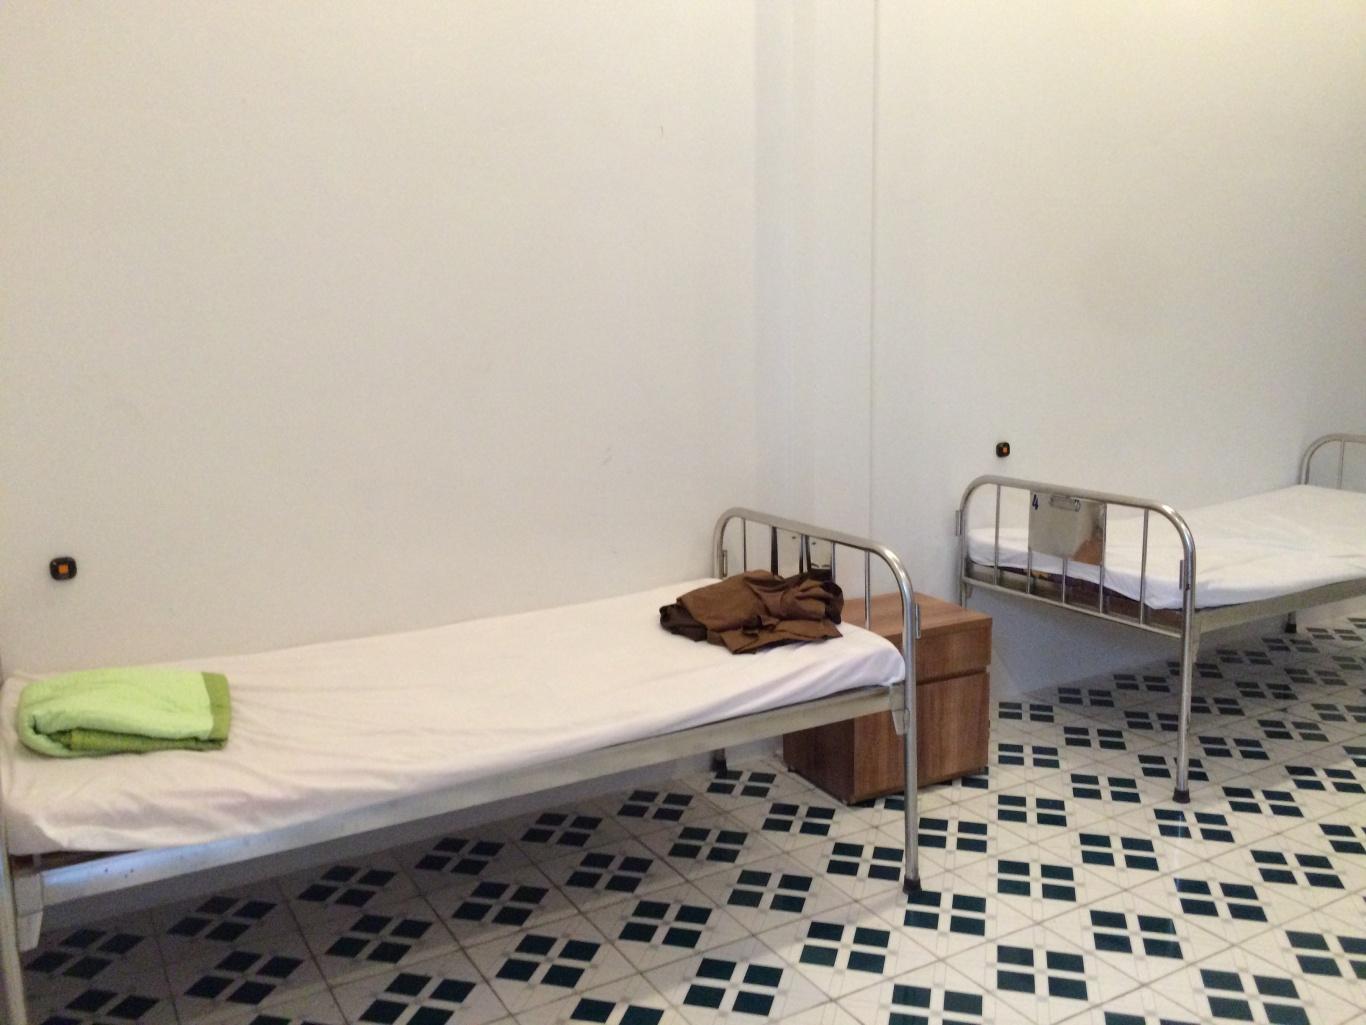 chuông gọi y tá được lắp tại đầu giường của bệnh nhân